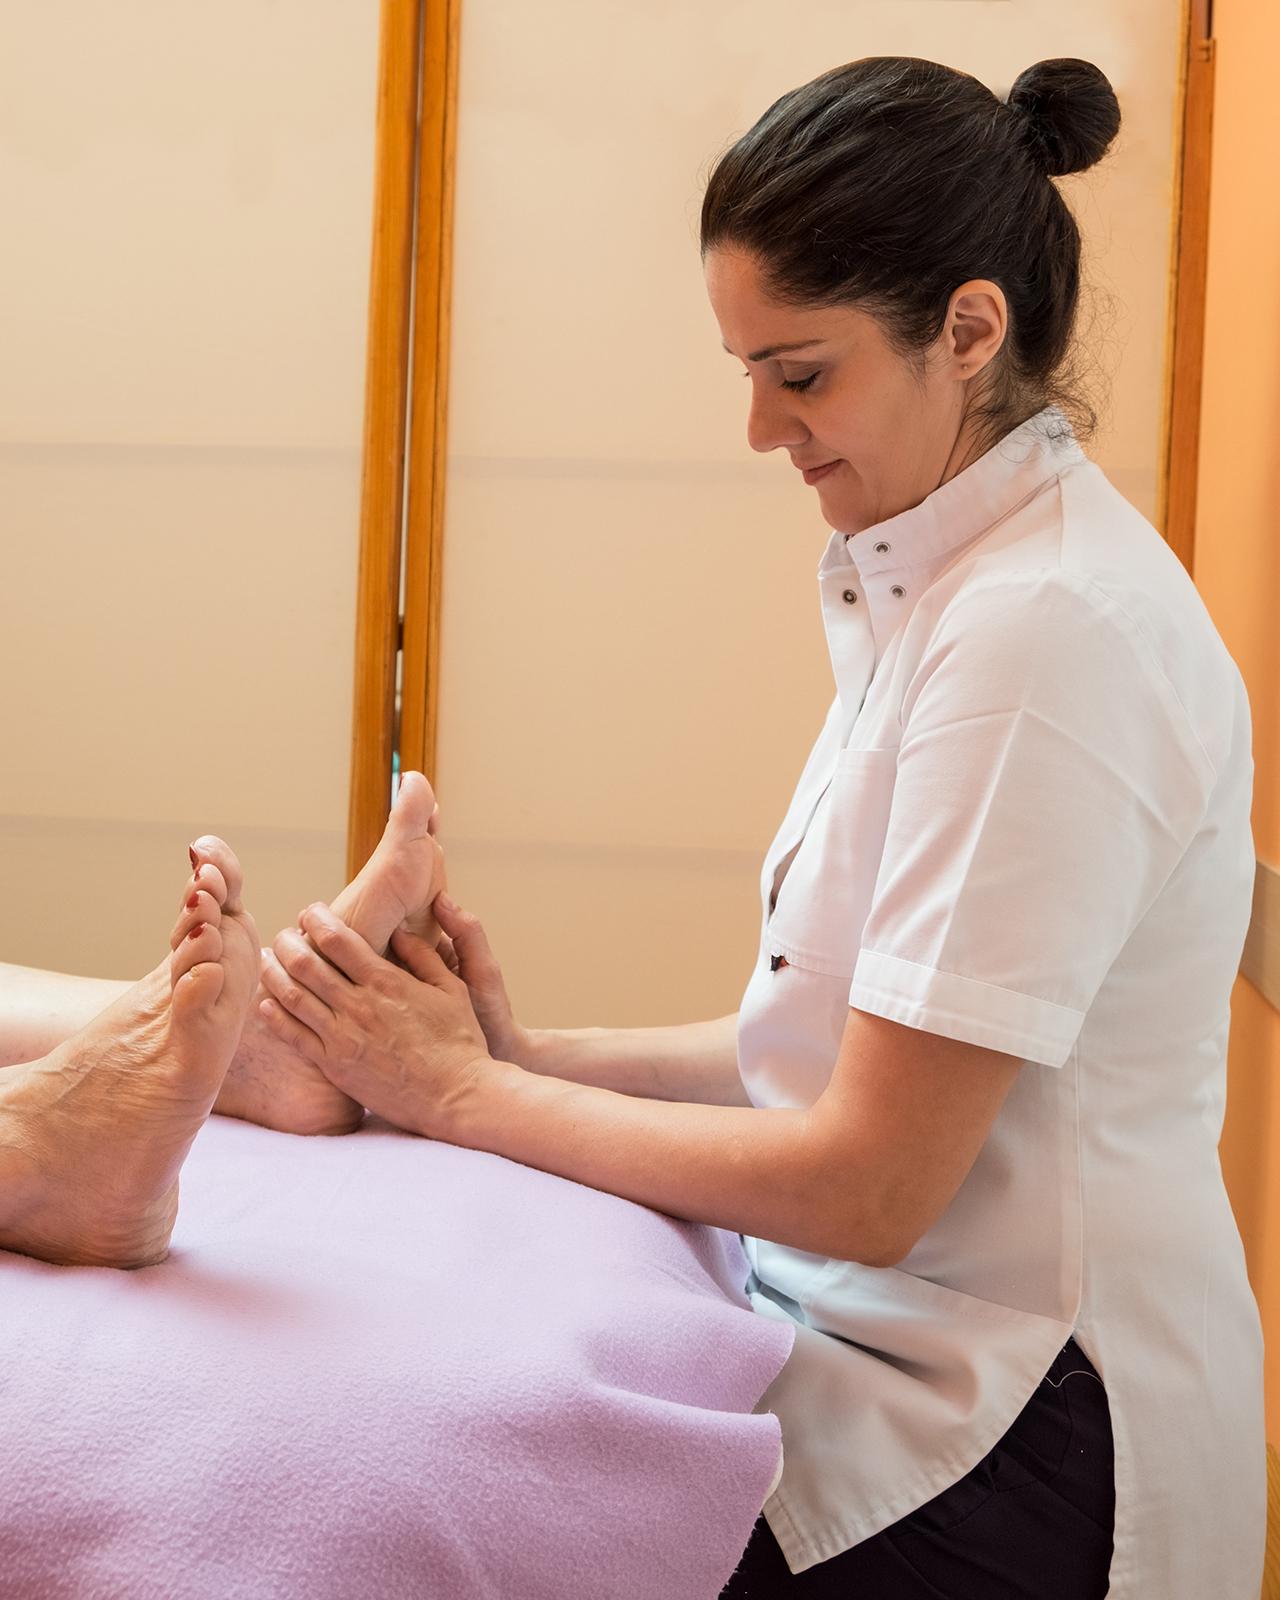 Ordinacija dr Stefanović – masaža